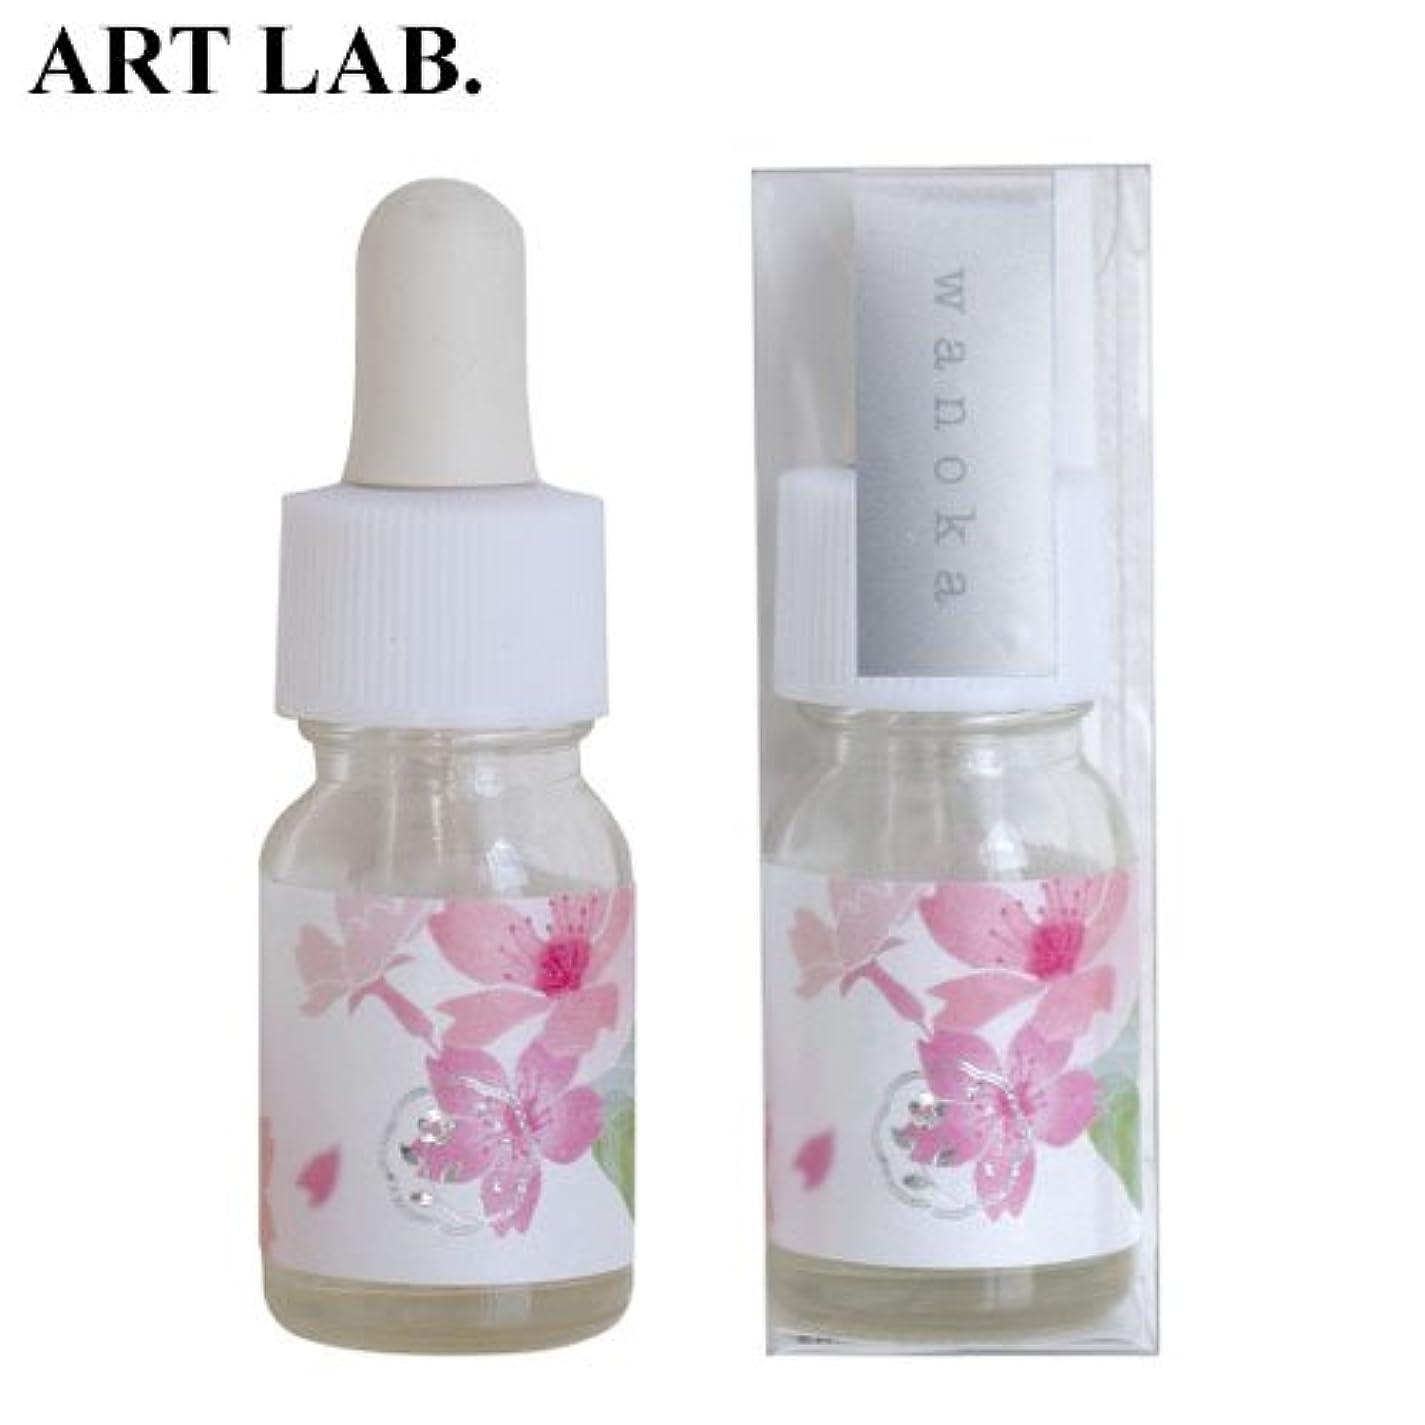 主に海賊許容wanoka香油アロマオイル桜《桜をイメージした甘い香り》ART LABAromatic oil